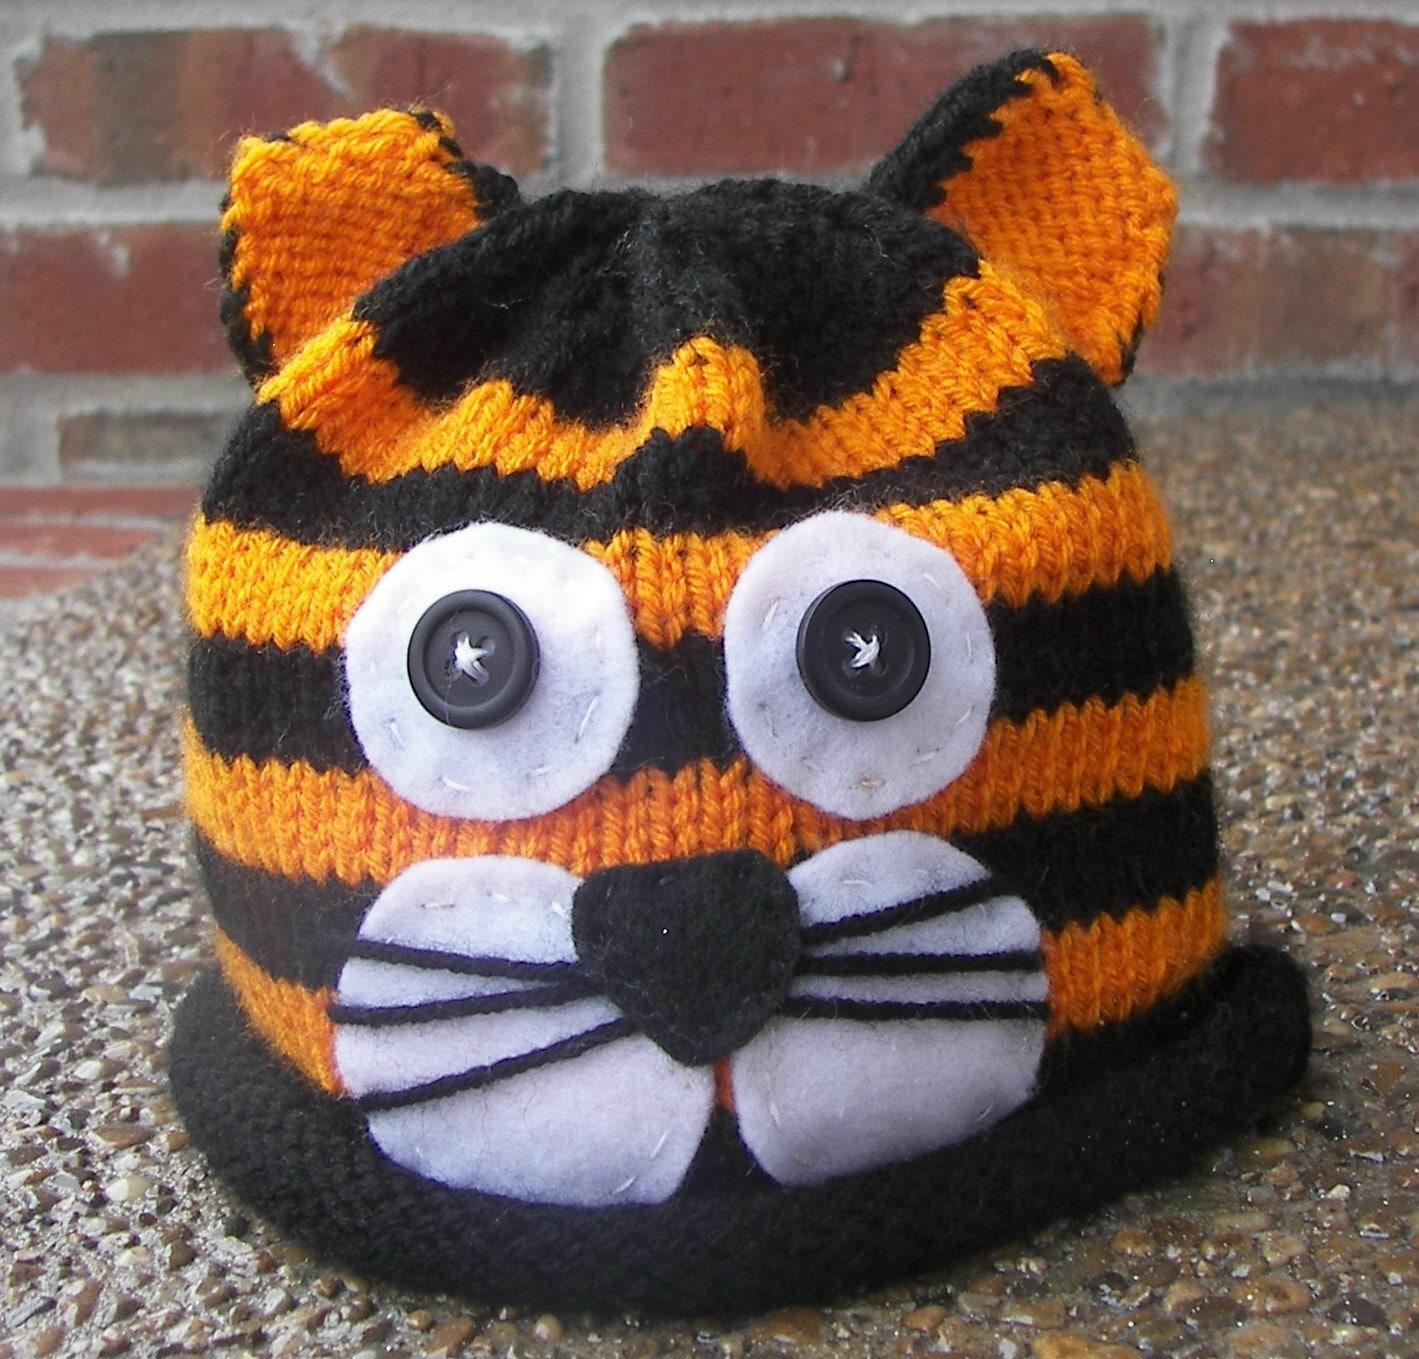 Knitty باشید کلاه ببر --- بزرگ برای عکاسان، سرپا نگه داشتن عکس برای نوزادان / نوزاد